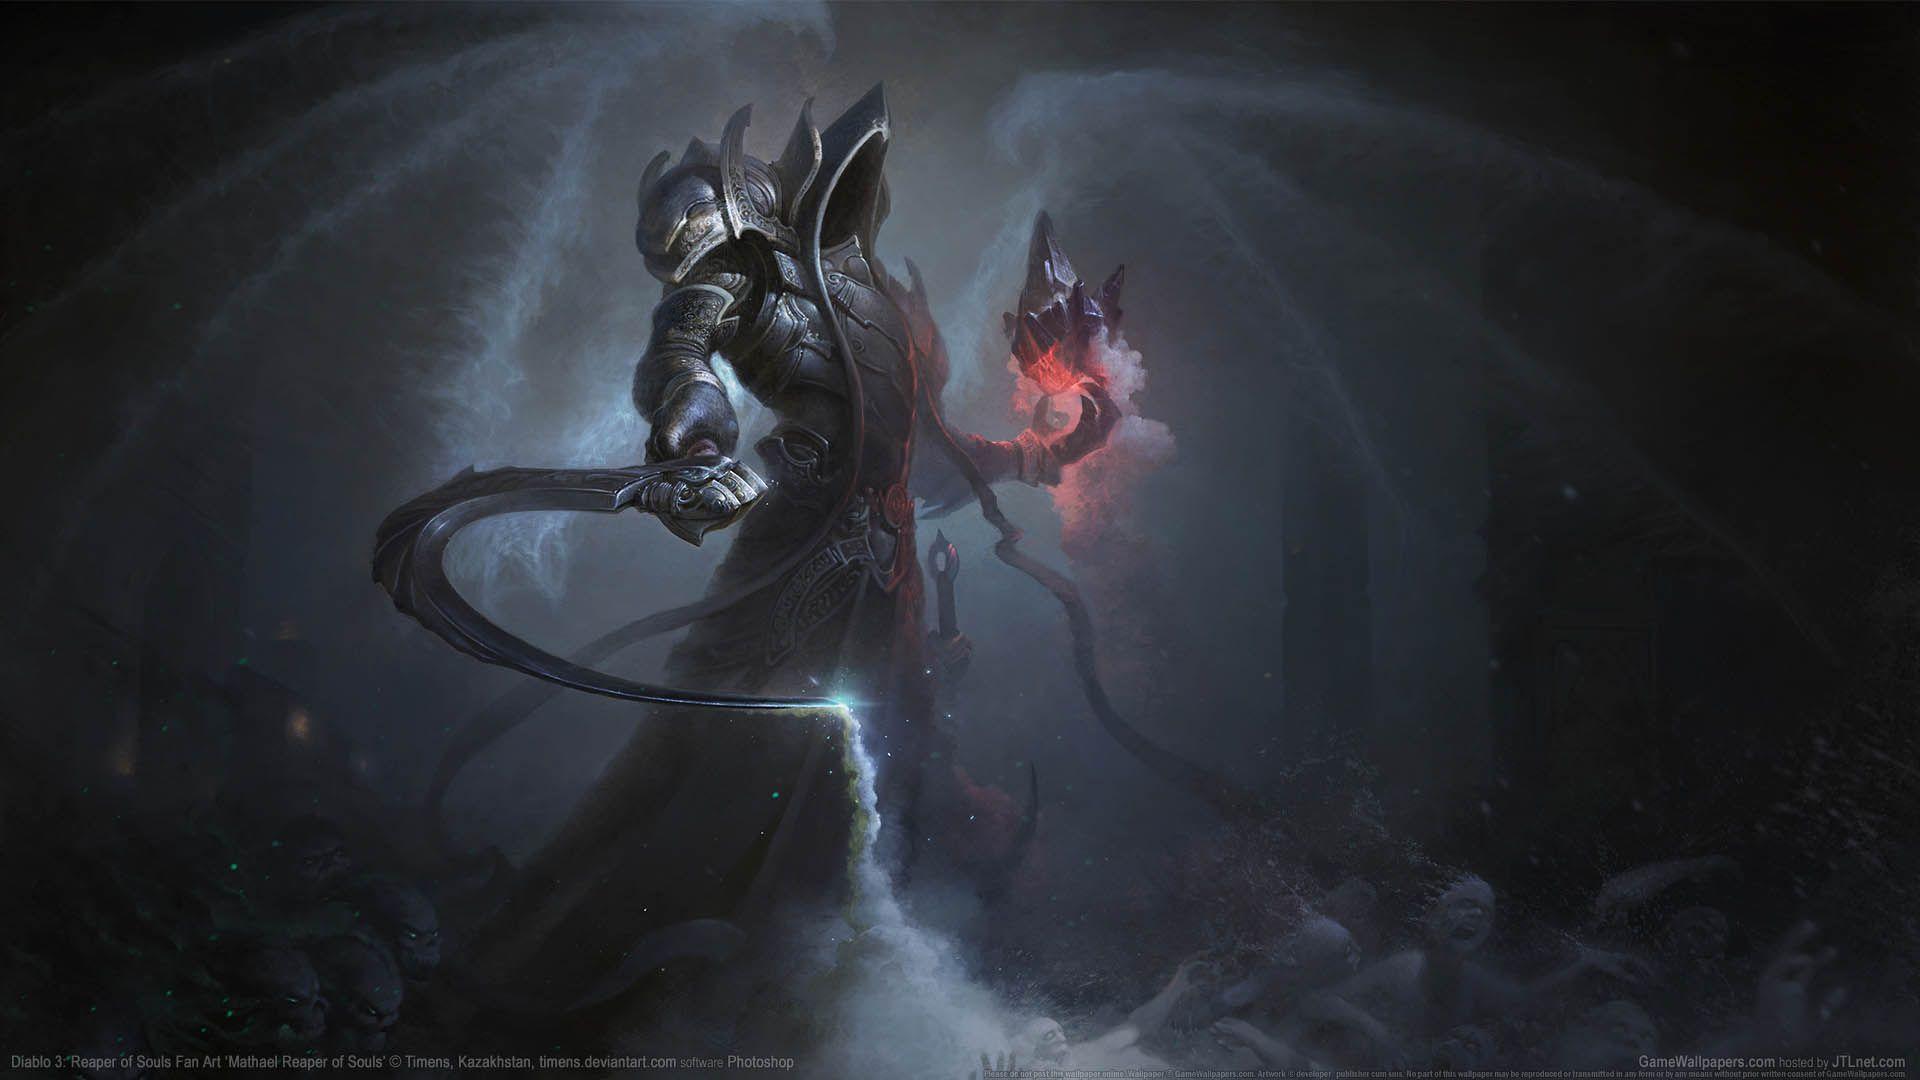 Diablo 3 Reaper Of Souls Fan Art Wallpaper 11 1920x1080